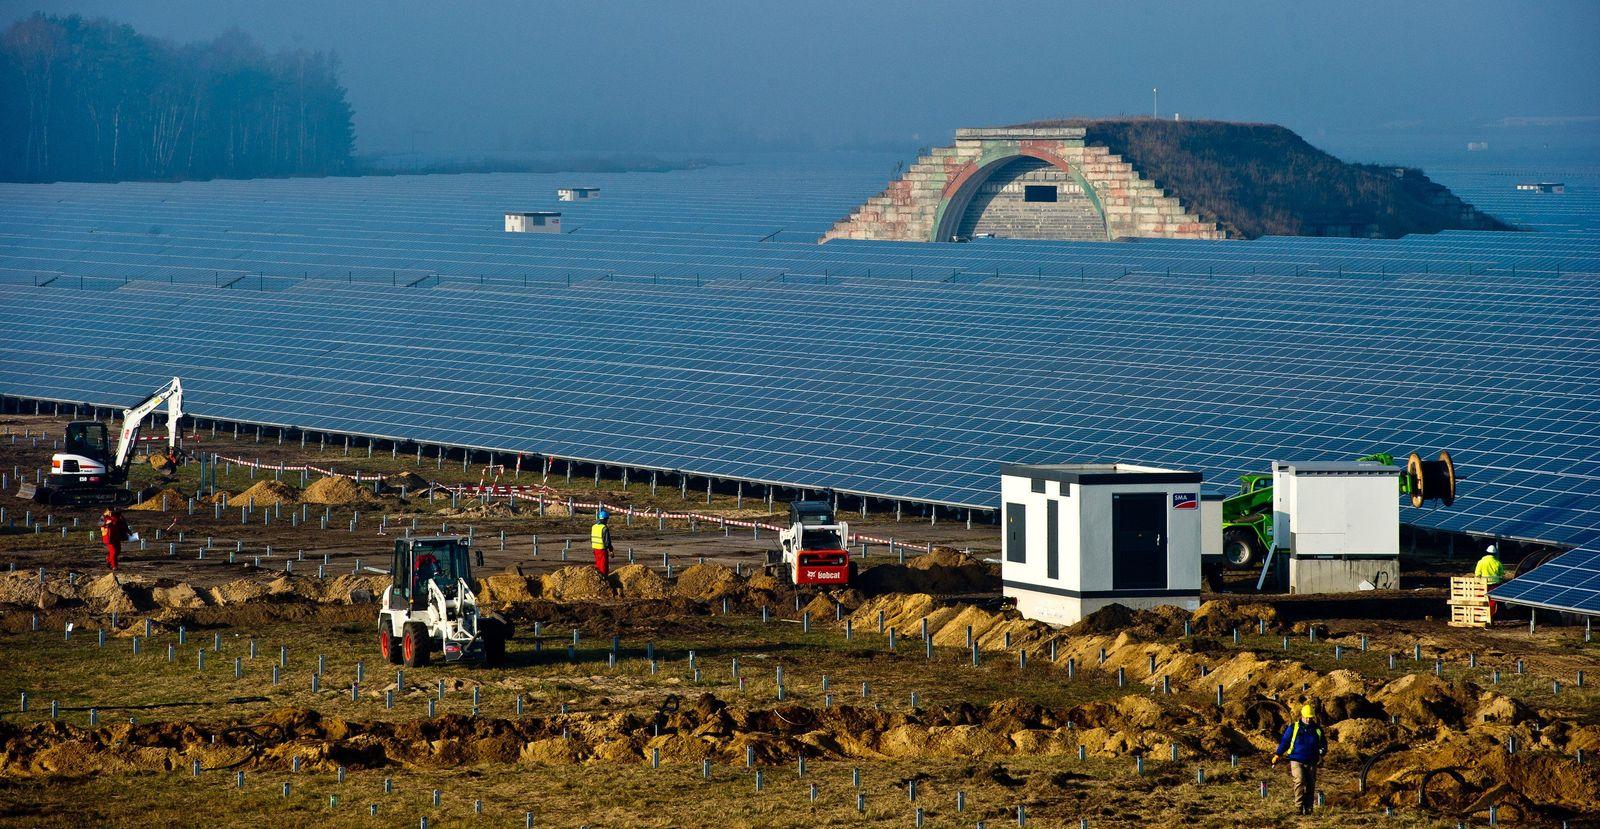 Bau des größten Solarstrom-Kraftwerk Europas